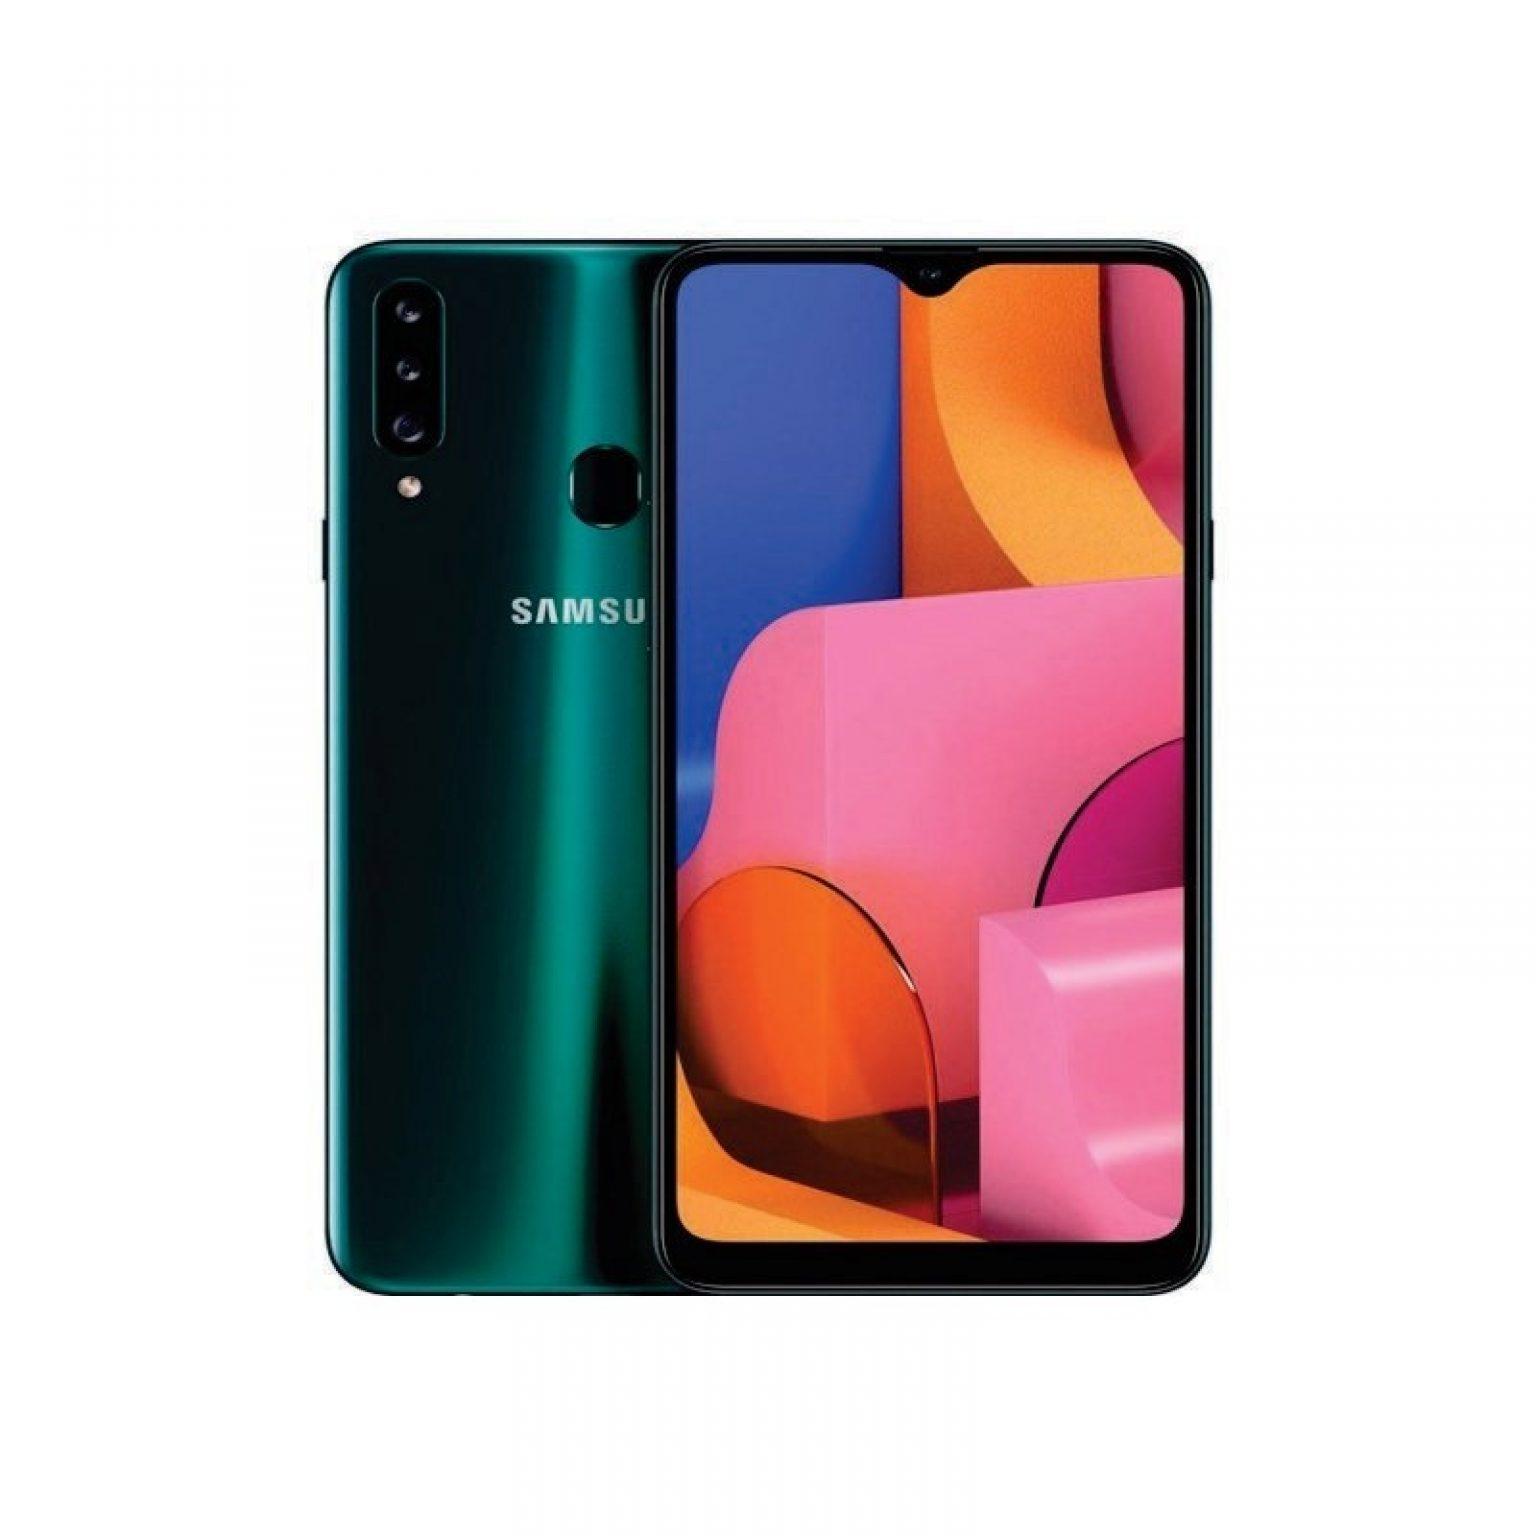 SAMSUNG - Galaxy A20s 64Gb Green [SM-A207FZGGXID]